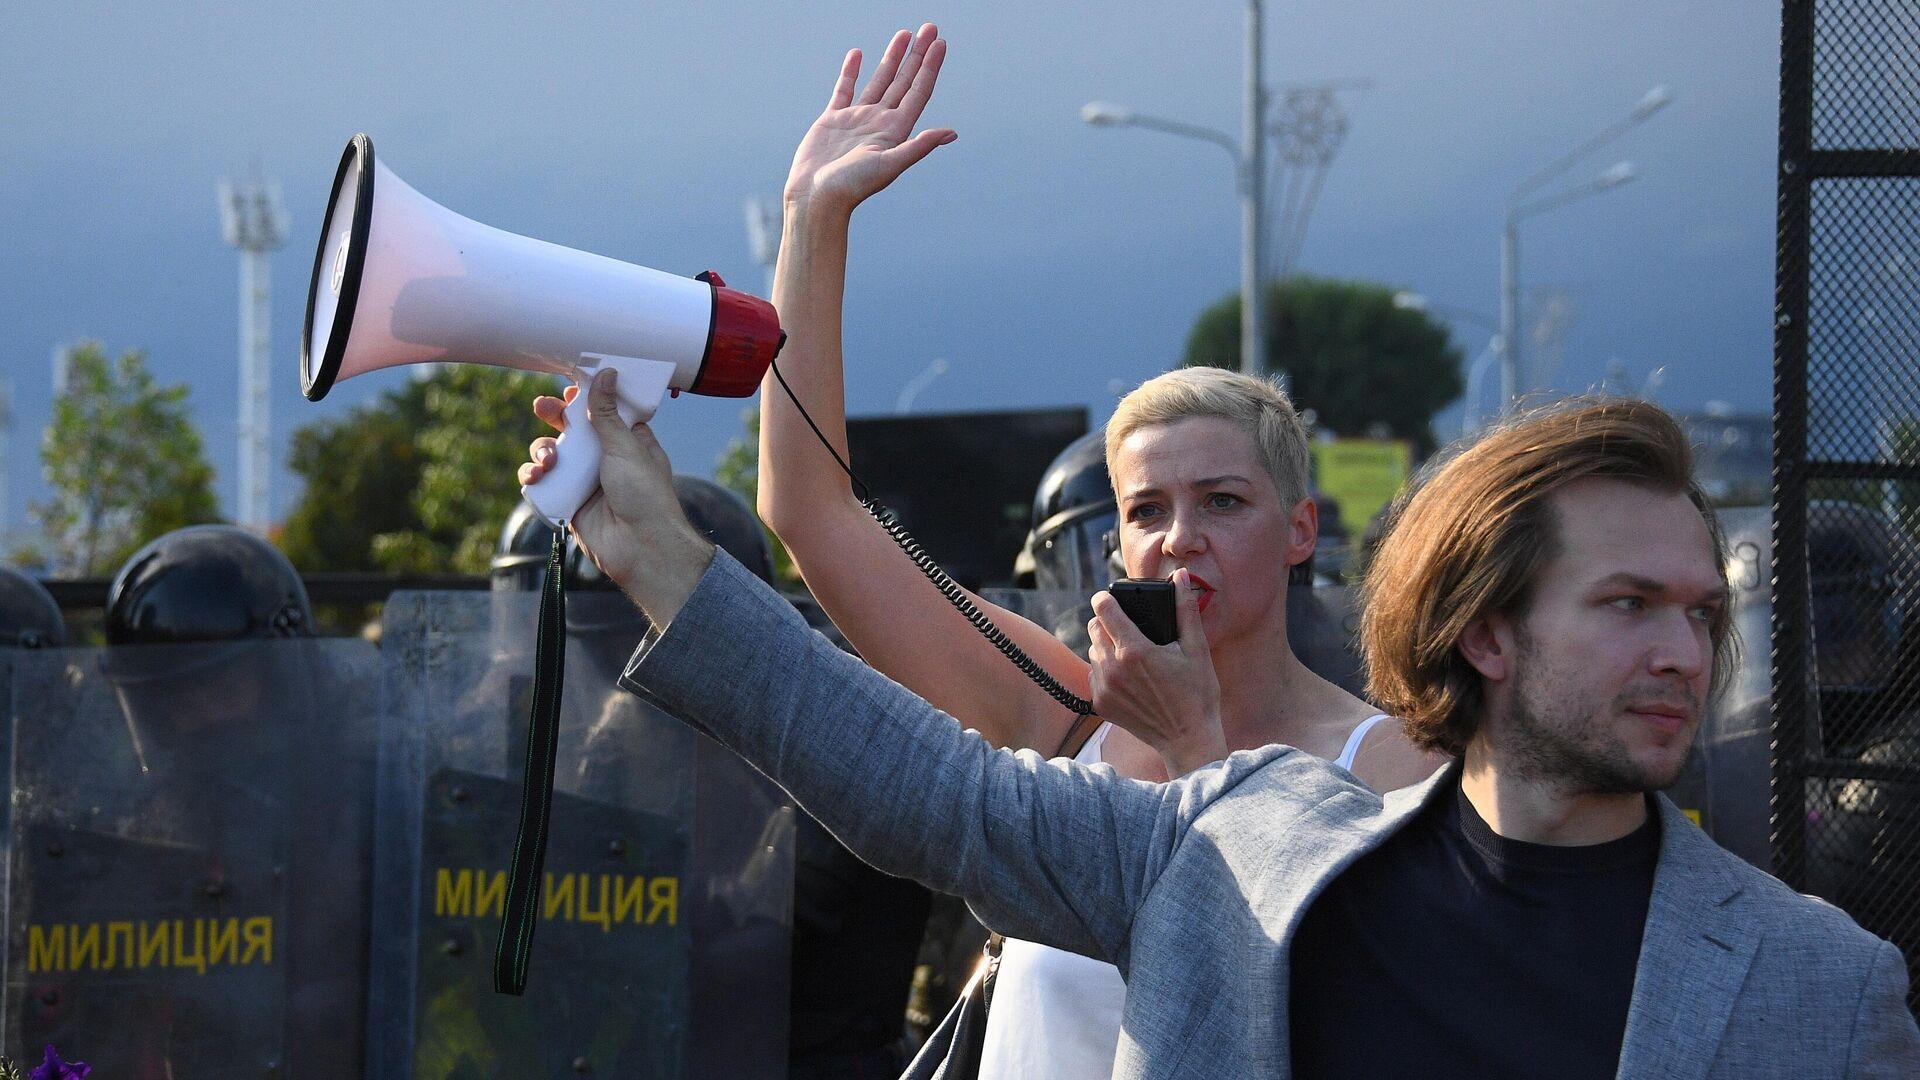 Мария Колесникова и Иван Кравцов во время акции протеста оппозиции в Минске - РИА Новости, 1920, 10.09.2020